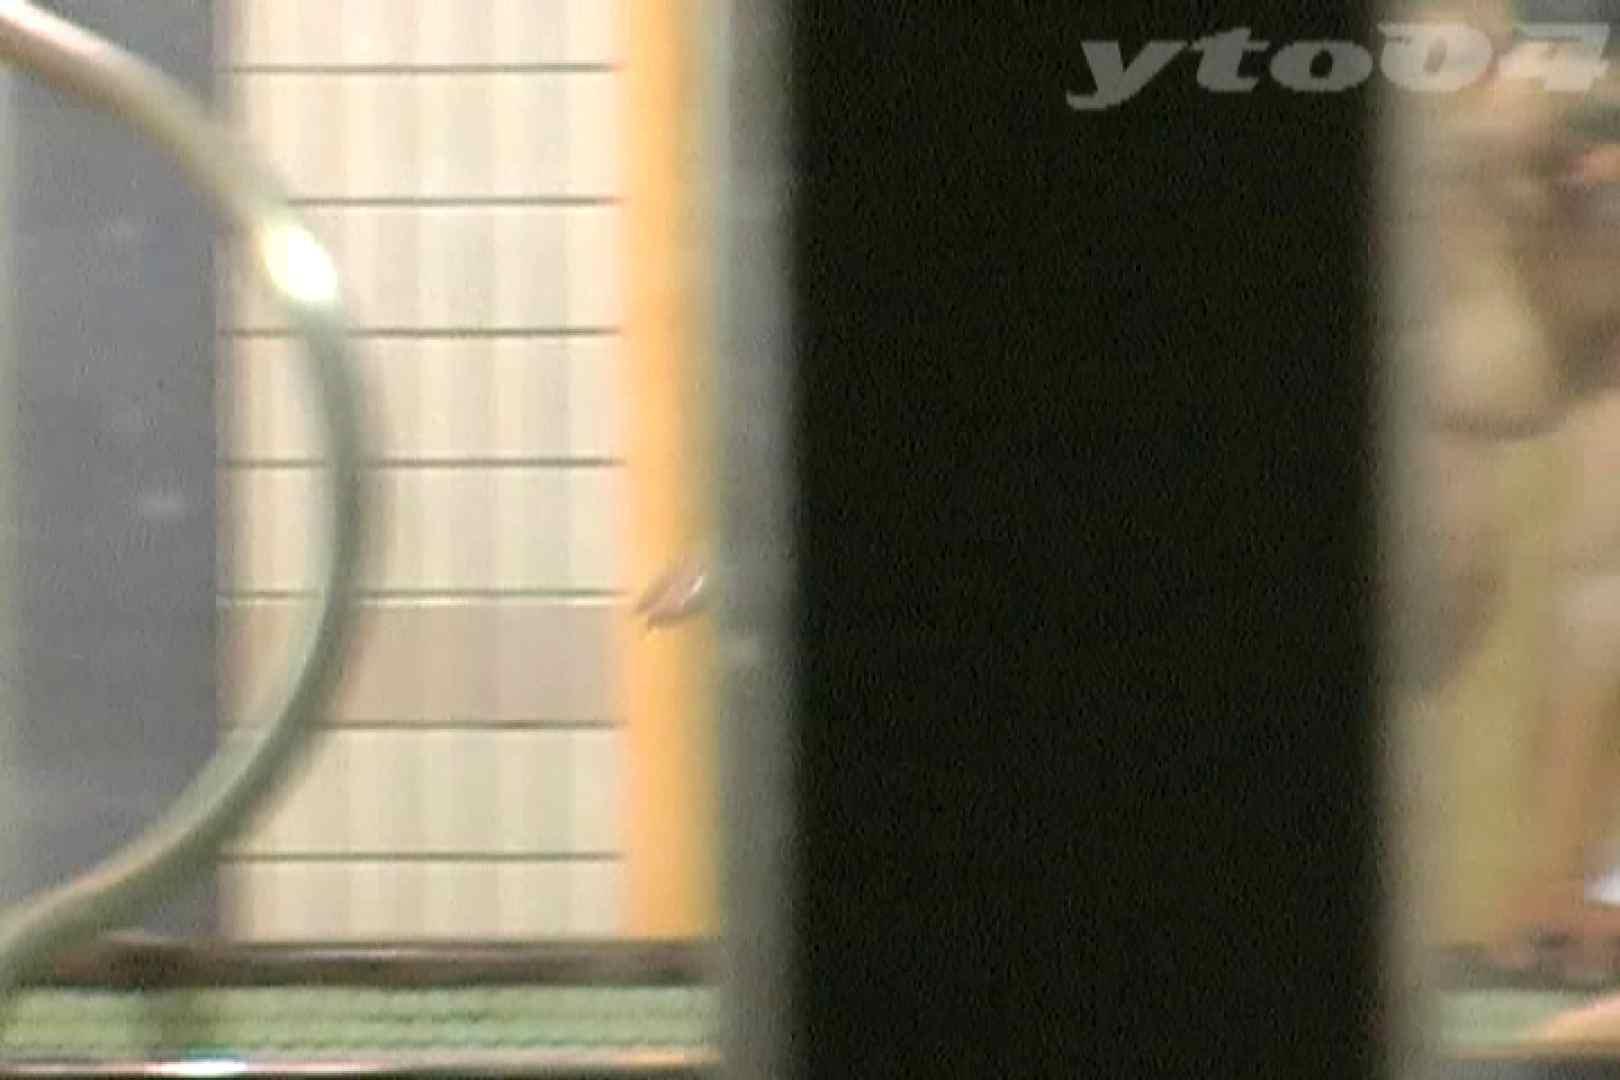 ▲復活限定▲合宿ホテル女風呂盗撮 Vol.26 盗撮エロすぎ   名作  85連発 37